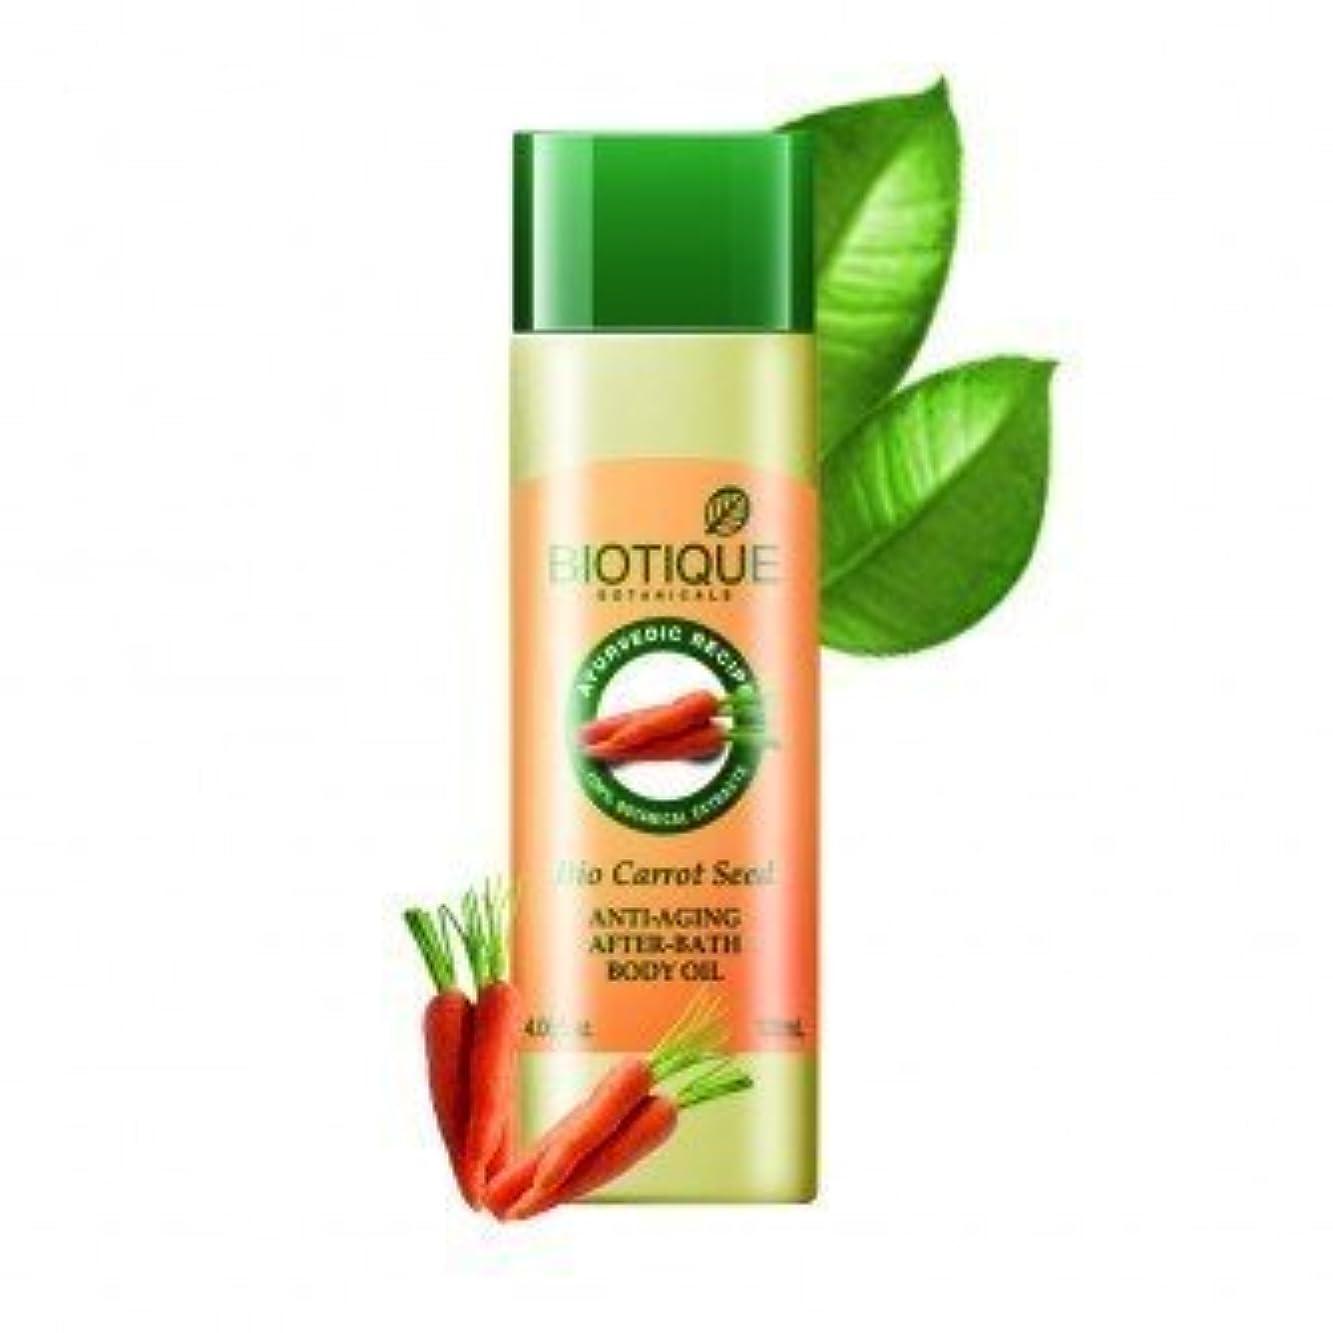 有益入手します創傷Biotique Bio Carrot Seed Anti-Aging After-Bath Body Oil 120 Ml (Ship From India)